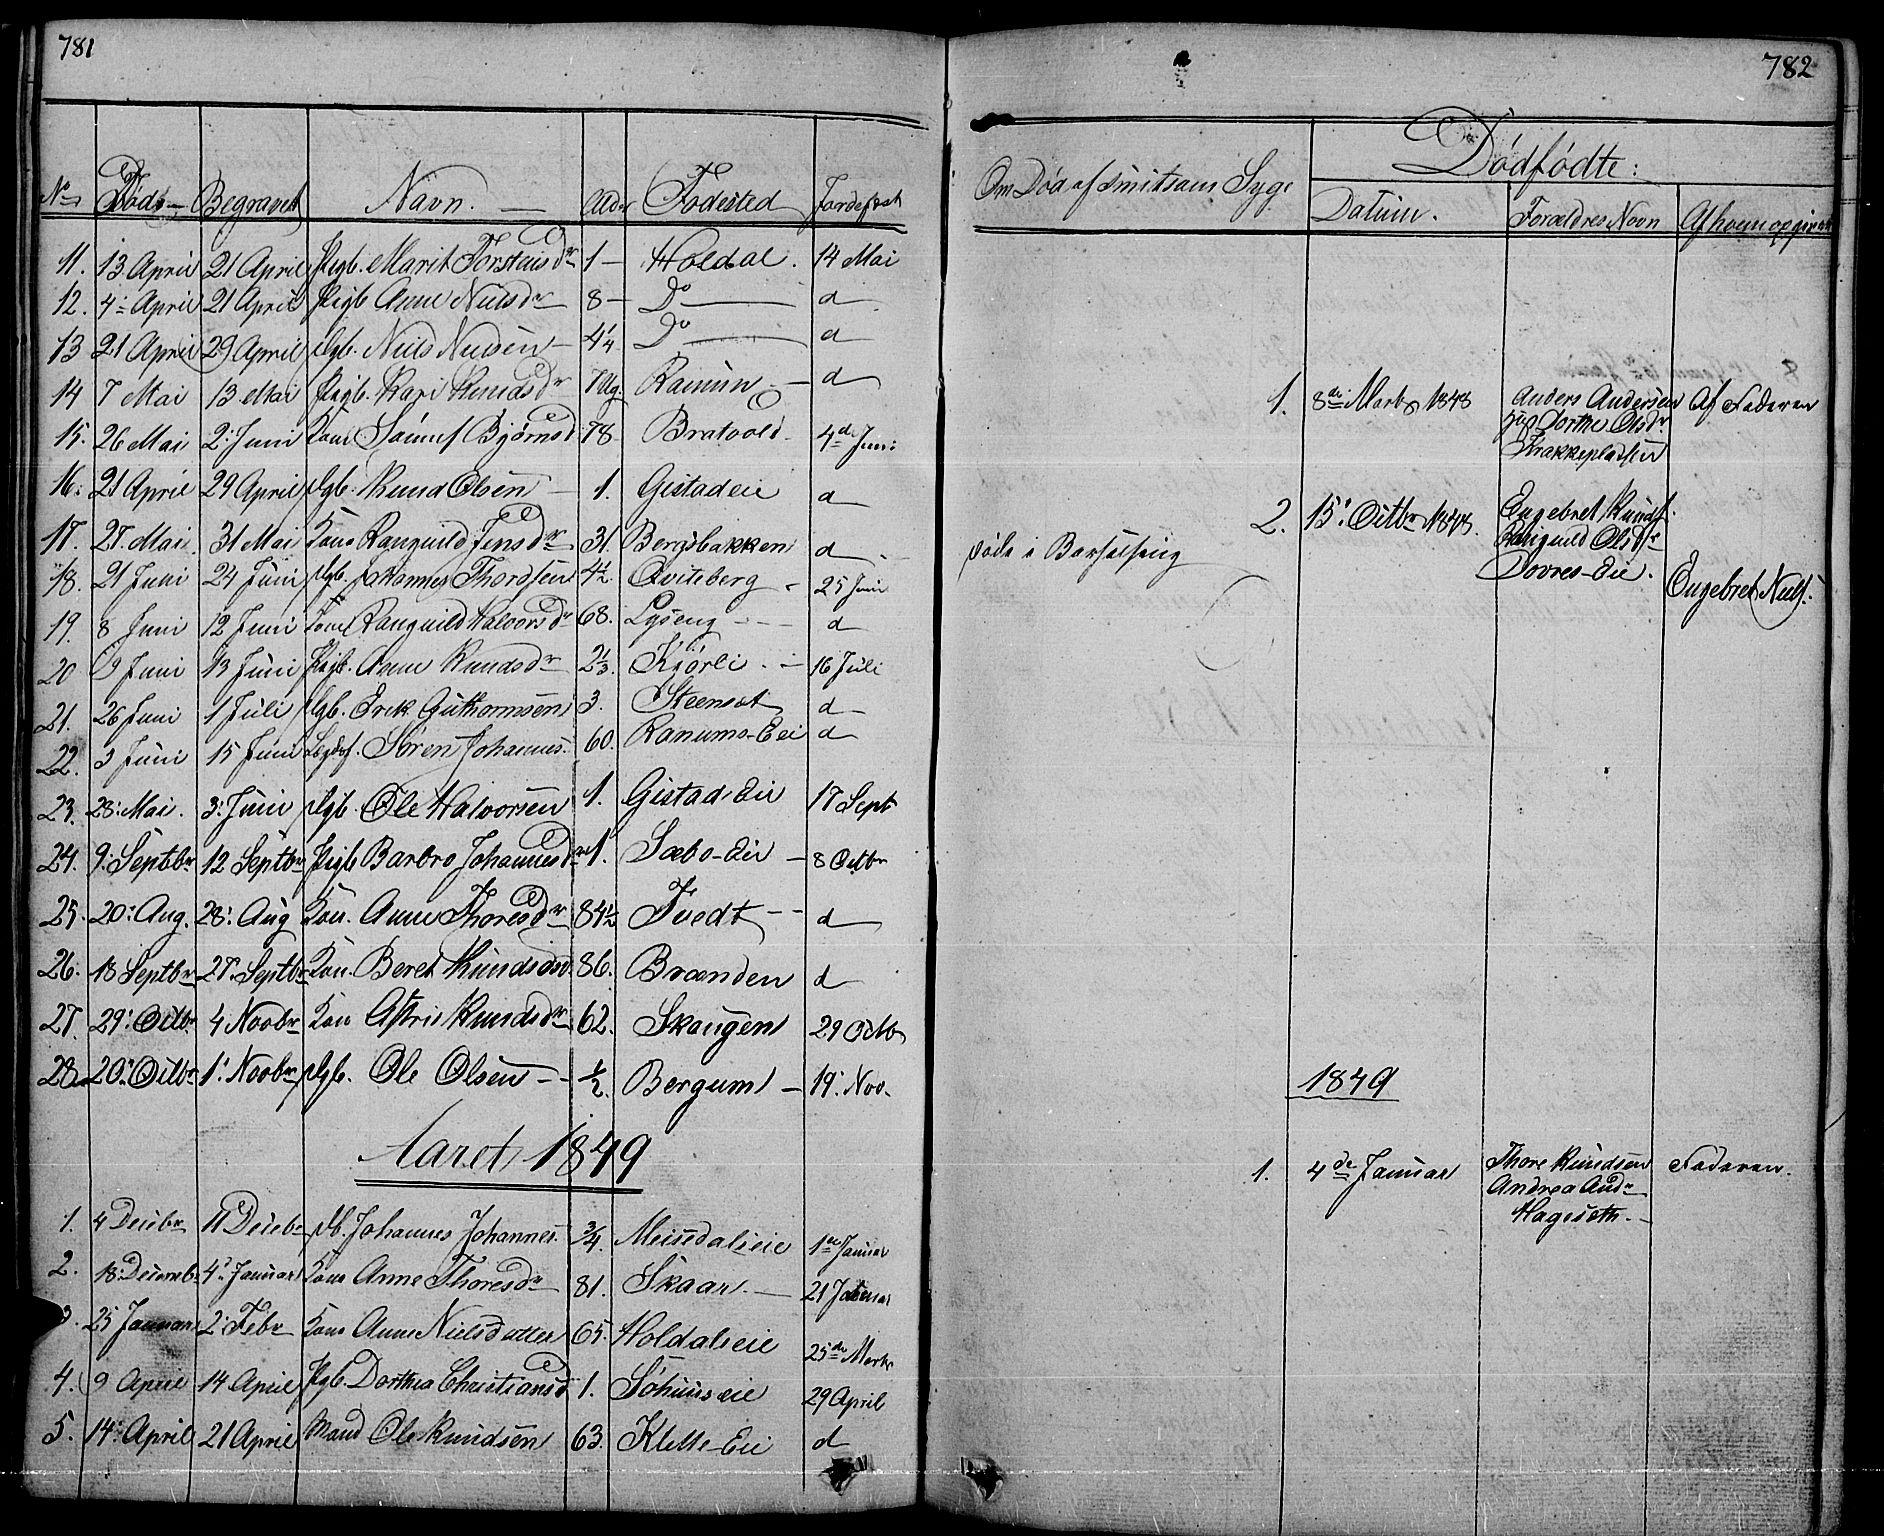 SAH, Nord-Aurdal prestekontor, Klokkerbok nr. 1, 1834-1887, s. 781-782